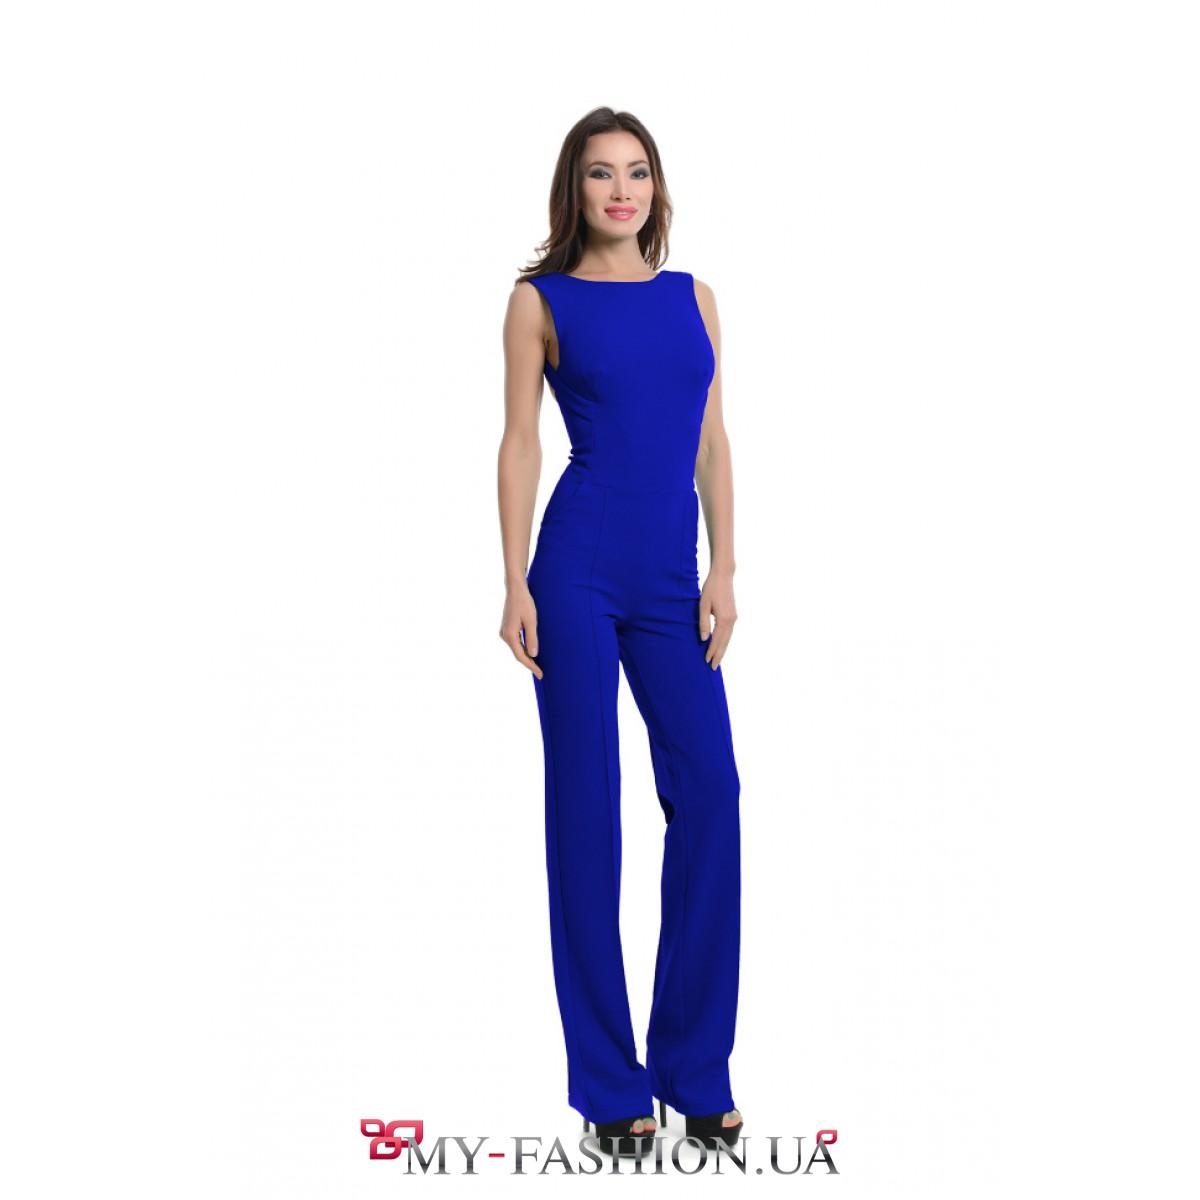 Синий комбинезон женский 32